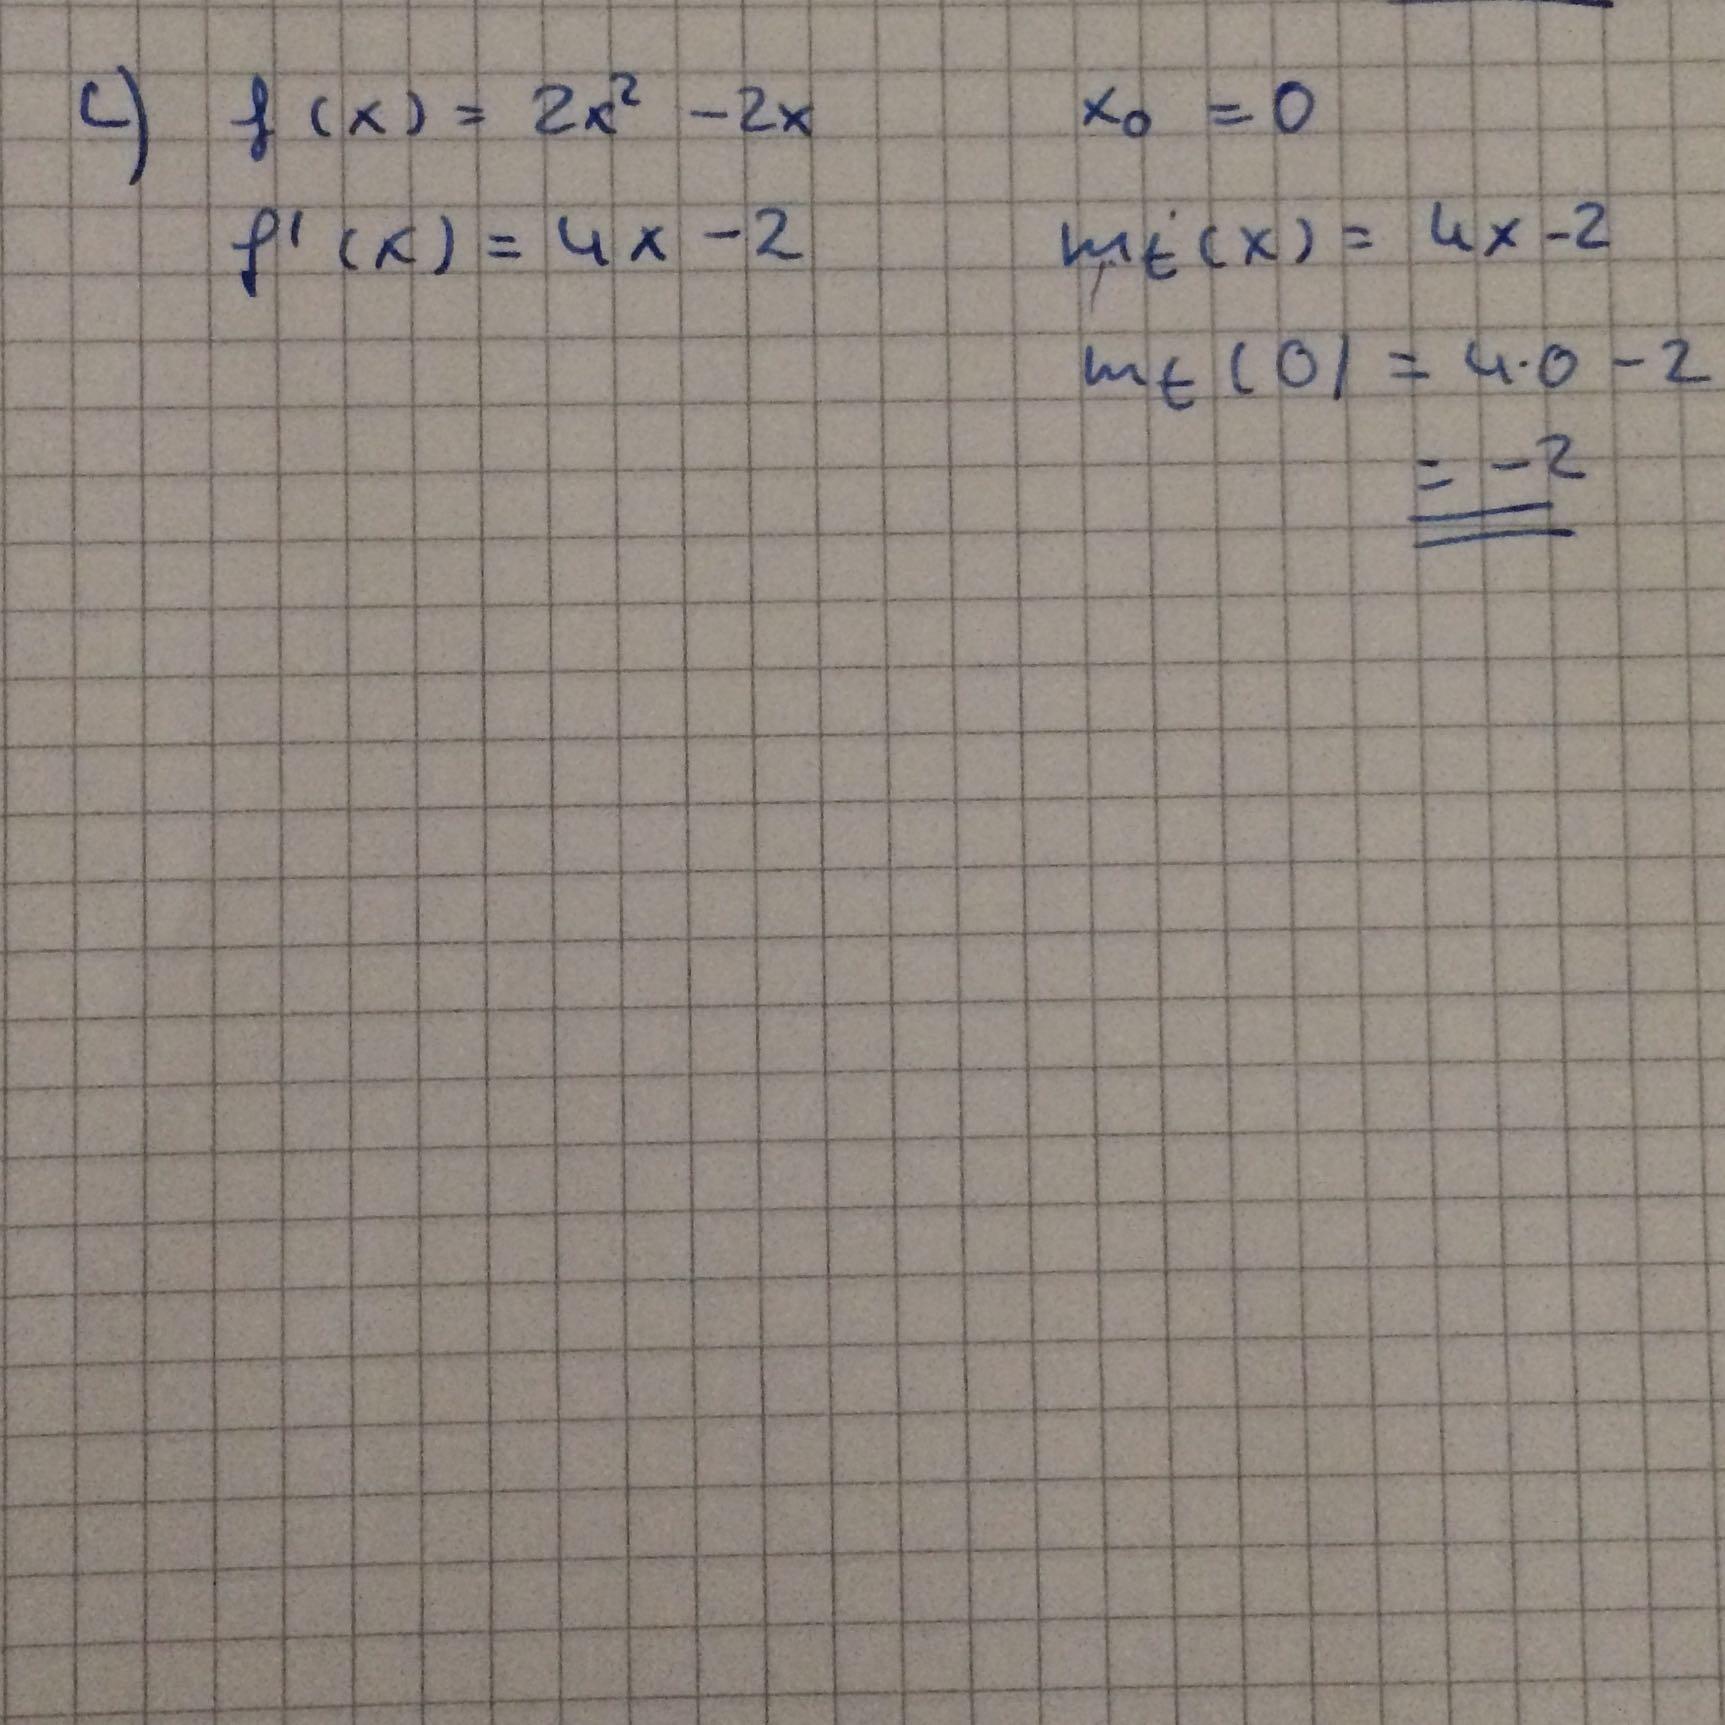 0 Stellen Berechnen : ich sollte die steigung an der stelle x0 berechnen mathe mathematik gleichungen ~ Themetempest.com Abrechnung